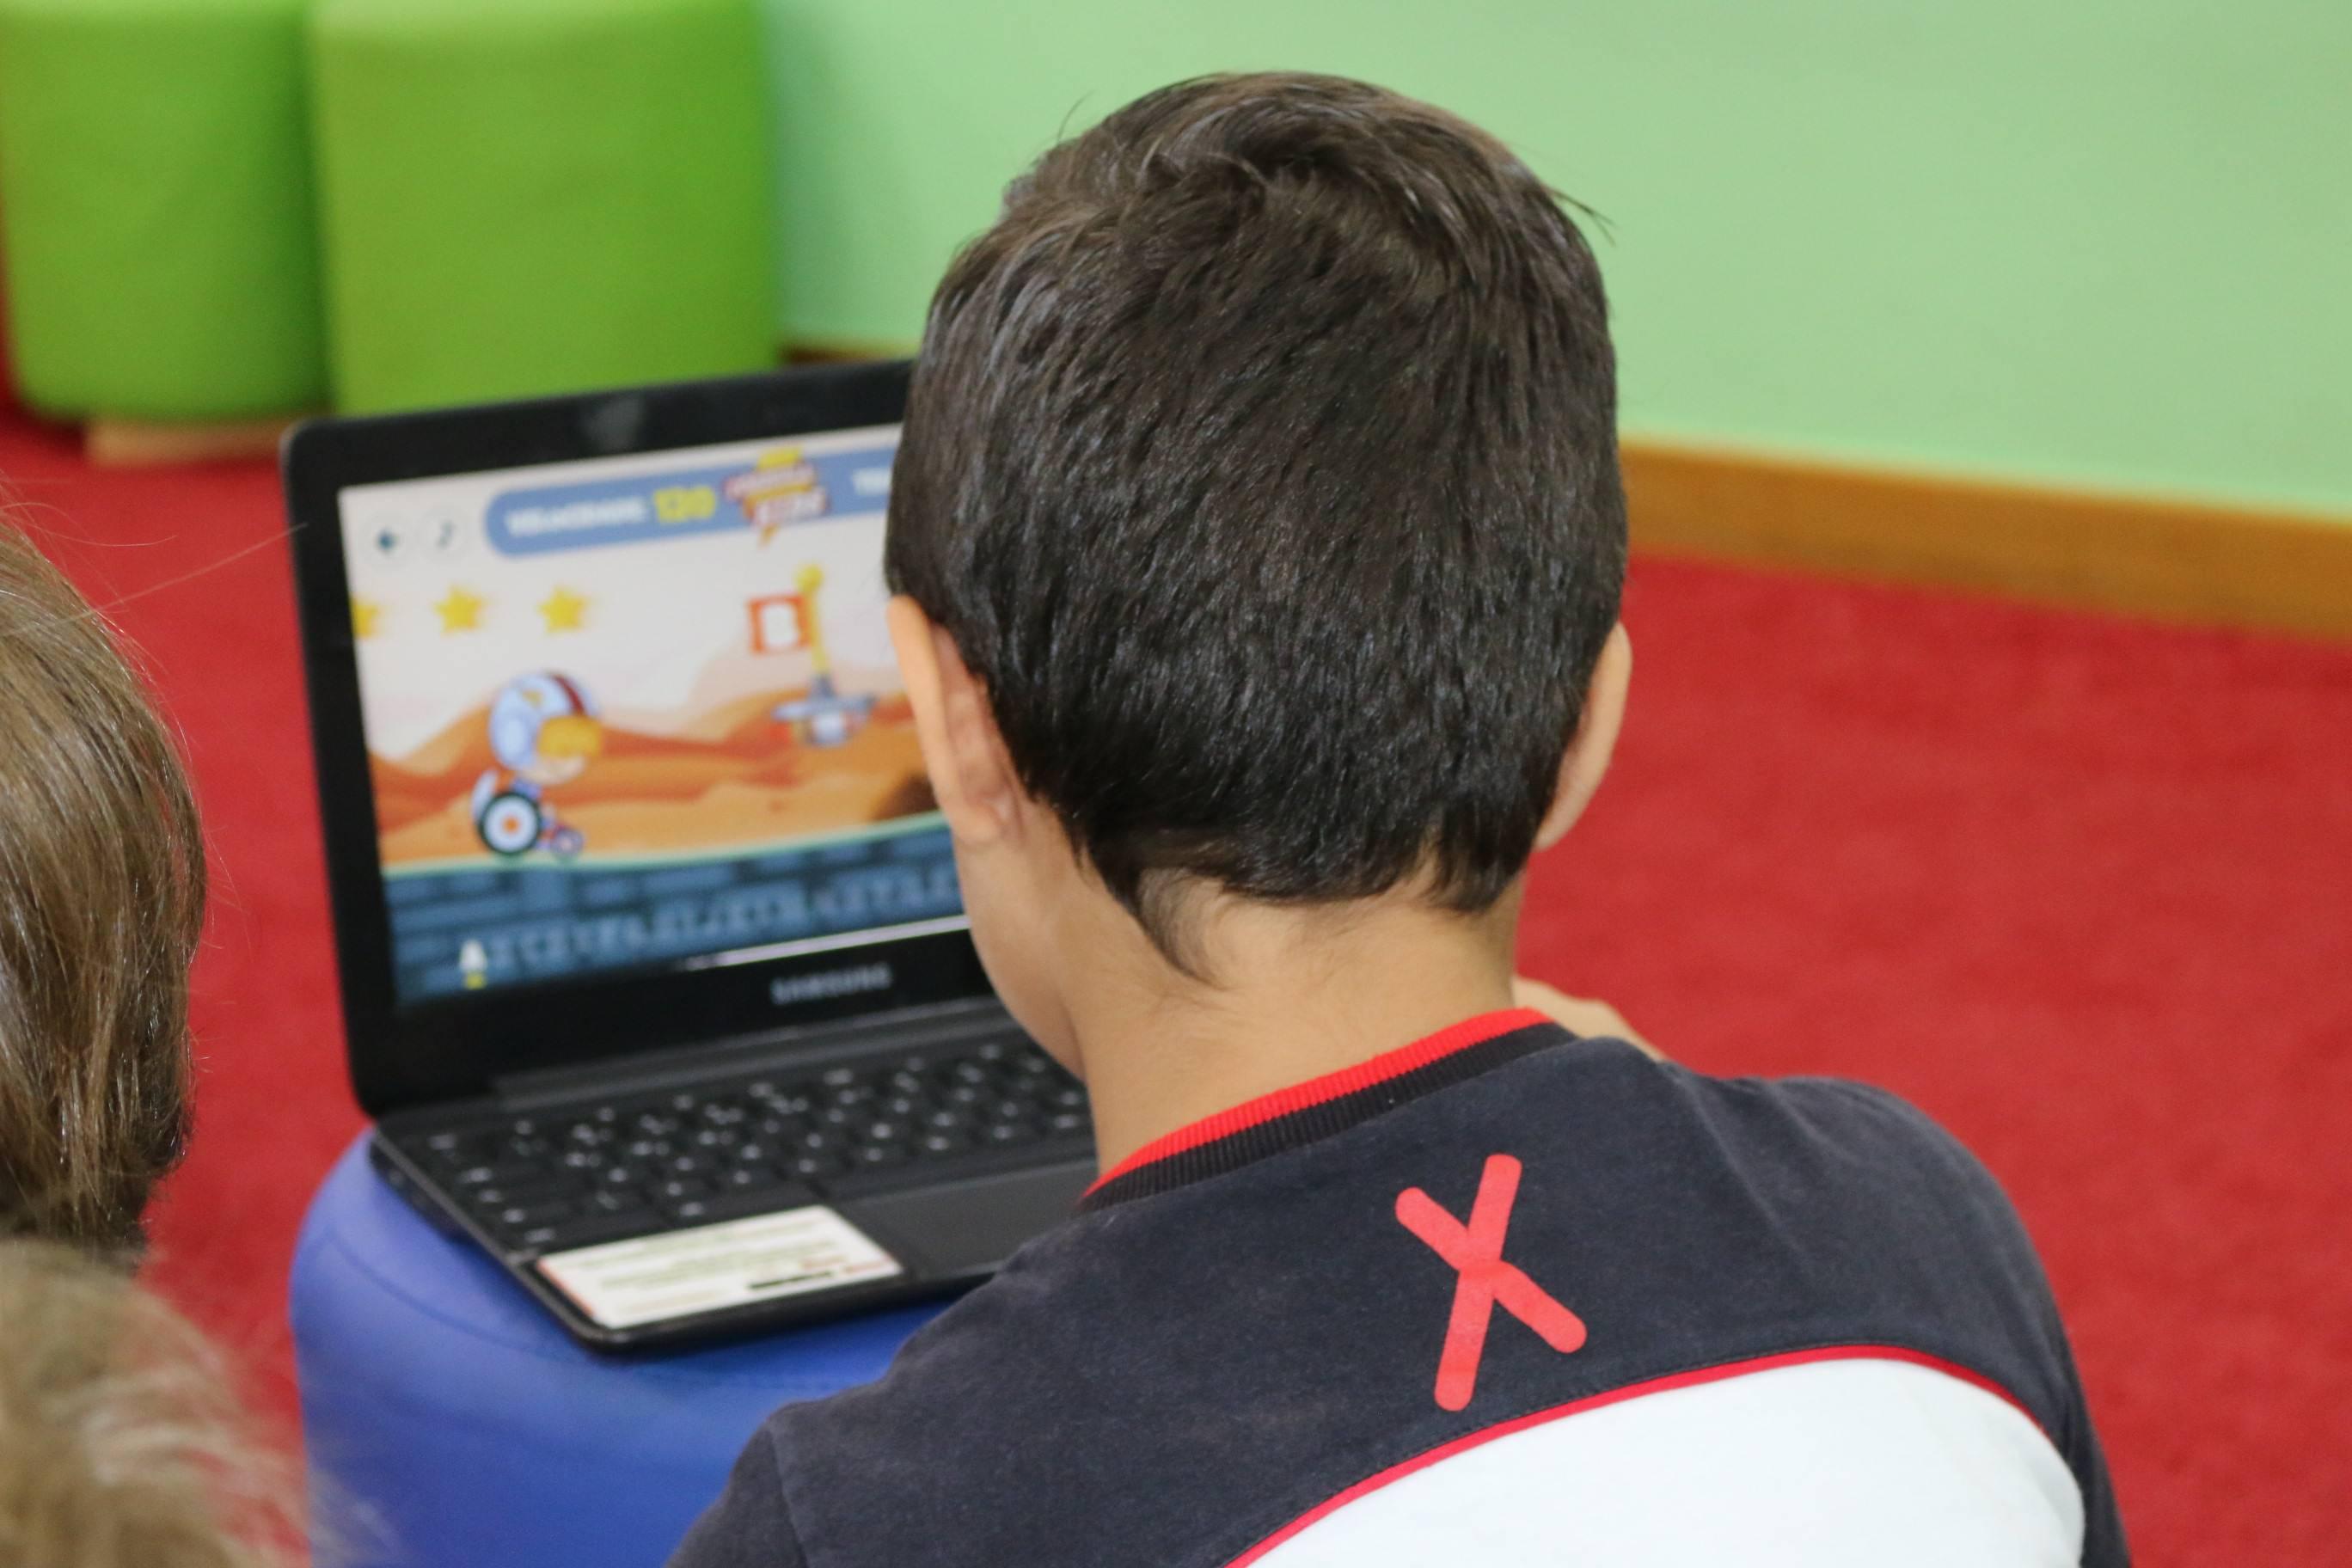 Nas Salas Google, alunos e professores usam dispositivos como laptops, celulares e até óculos de realidade virtual para enriquecer o processo de aprendizagem. Foto: Divulgação.